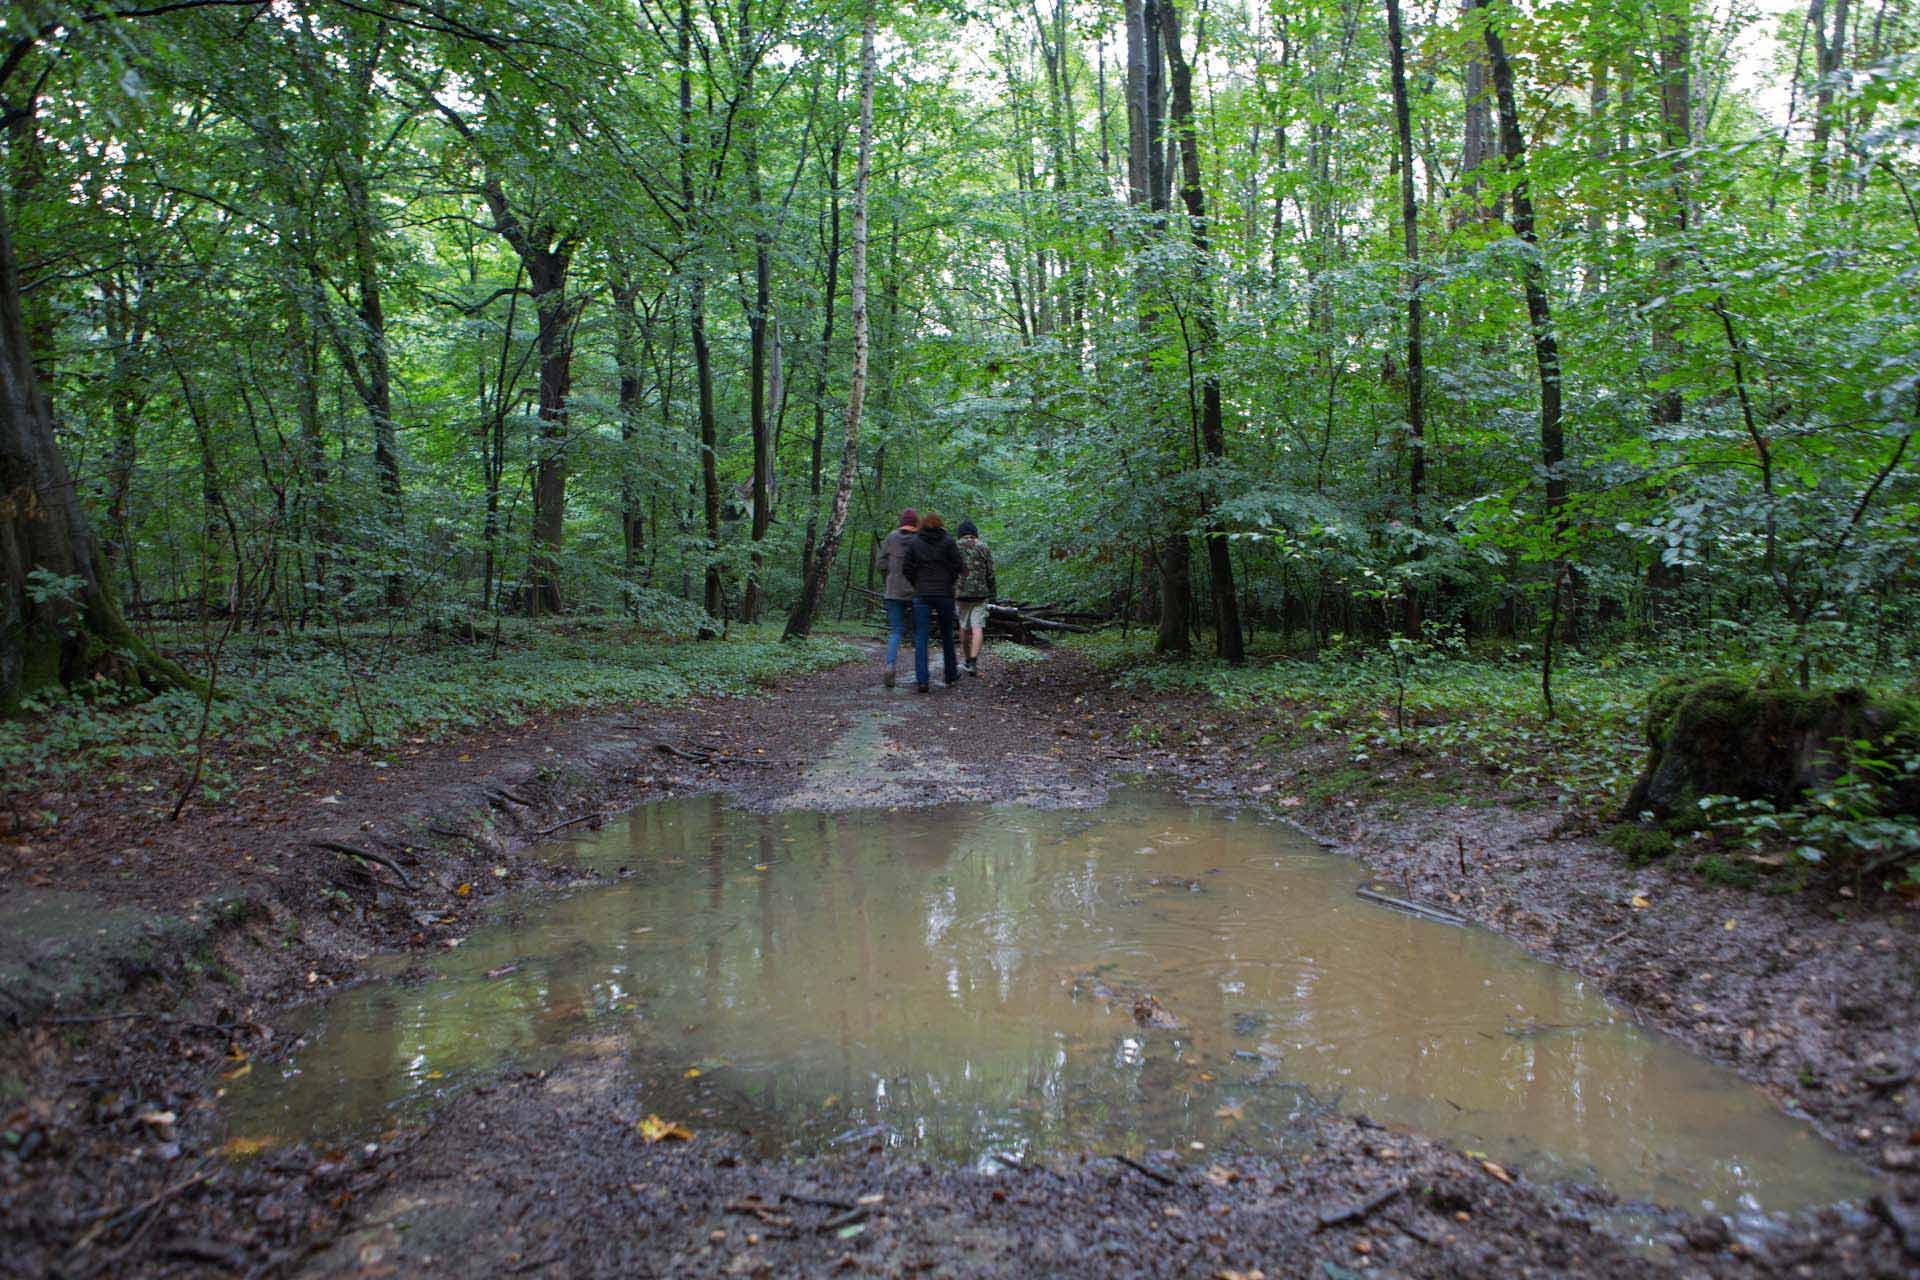 Der unweit von Garzweiler liegende Tagebau 'Hambach' der RWE bedroht den Rest des ursprünglich 12000 Hektar großen Waldgebiets 'Hambacher Forst', der bereits weitgehend dem Braunkohleabbau weichen musste. Momentan ist die Rodung des kleinen Rest Waldes gerichtlich gestoppt